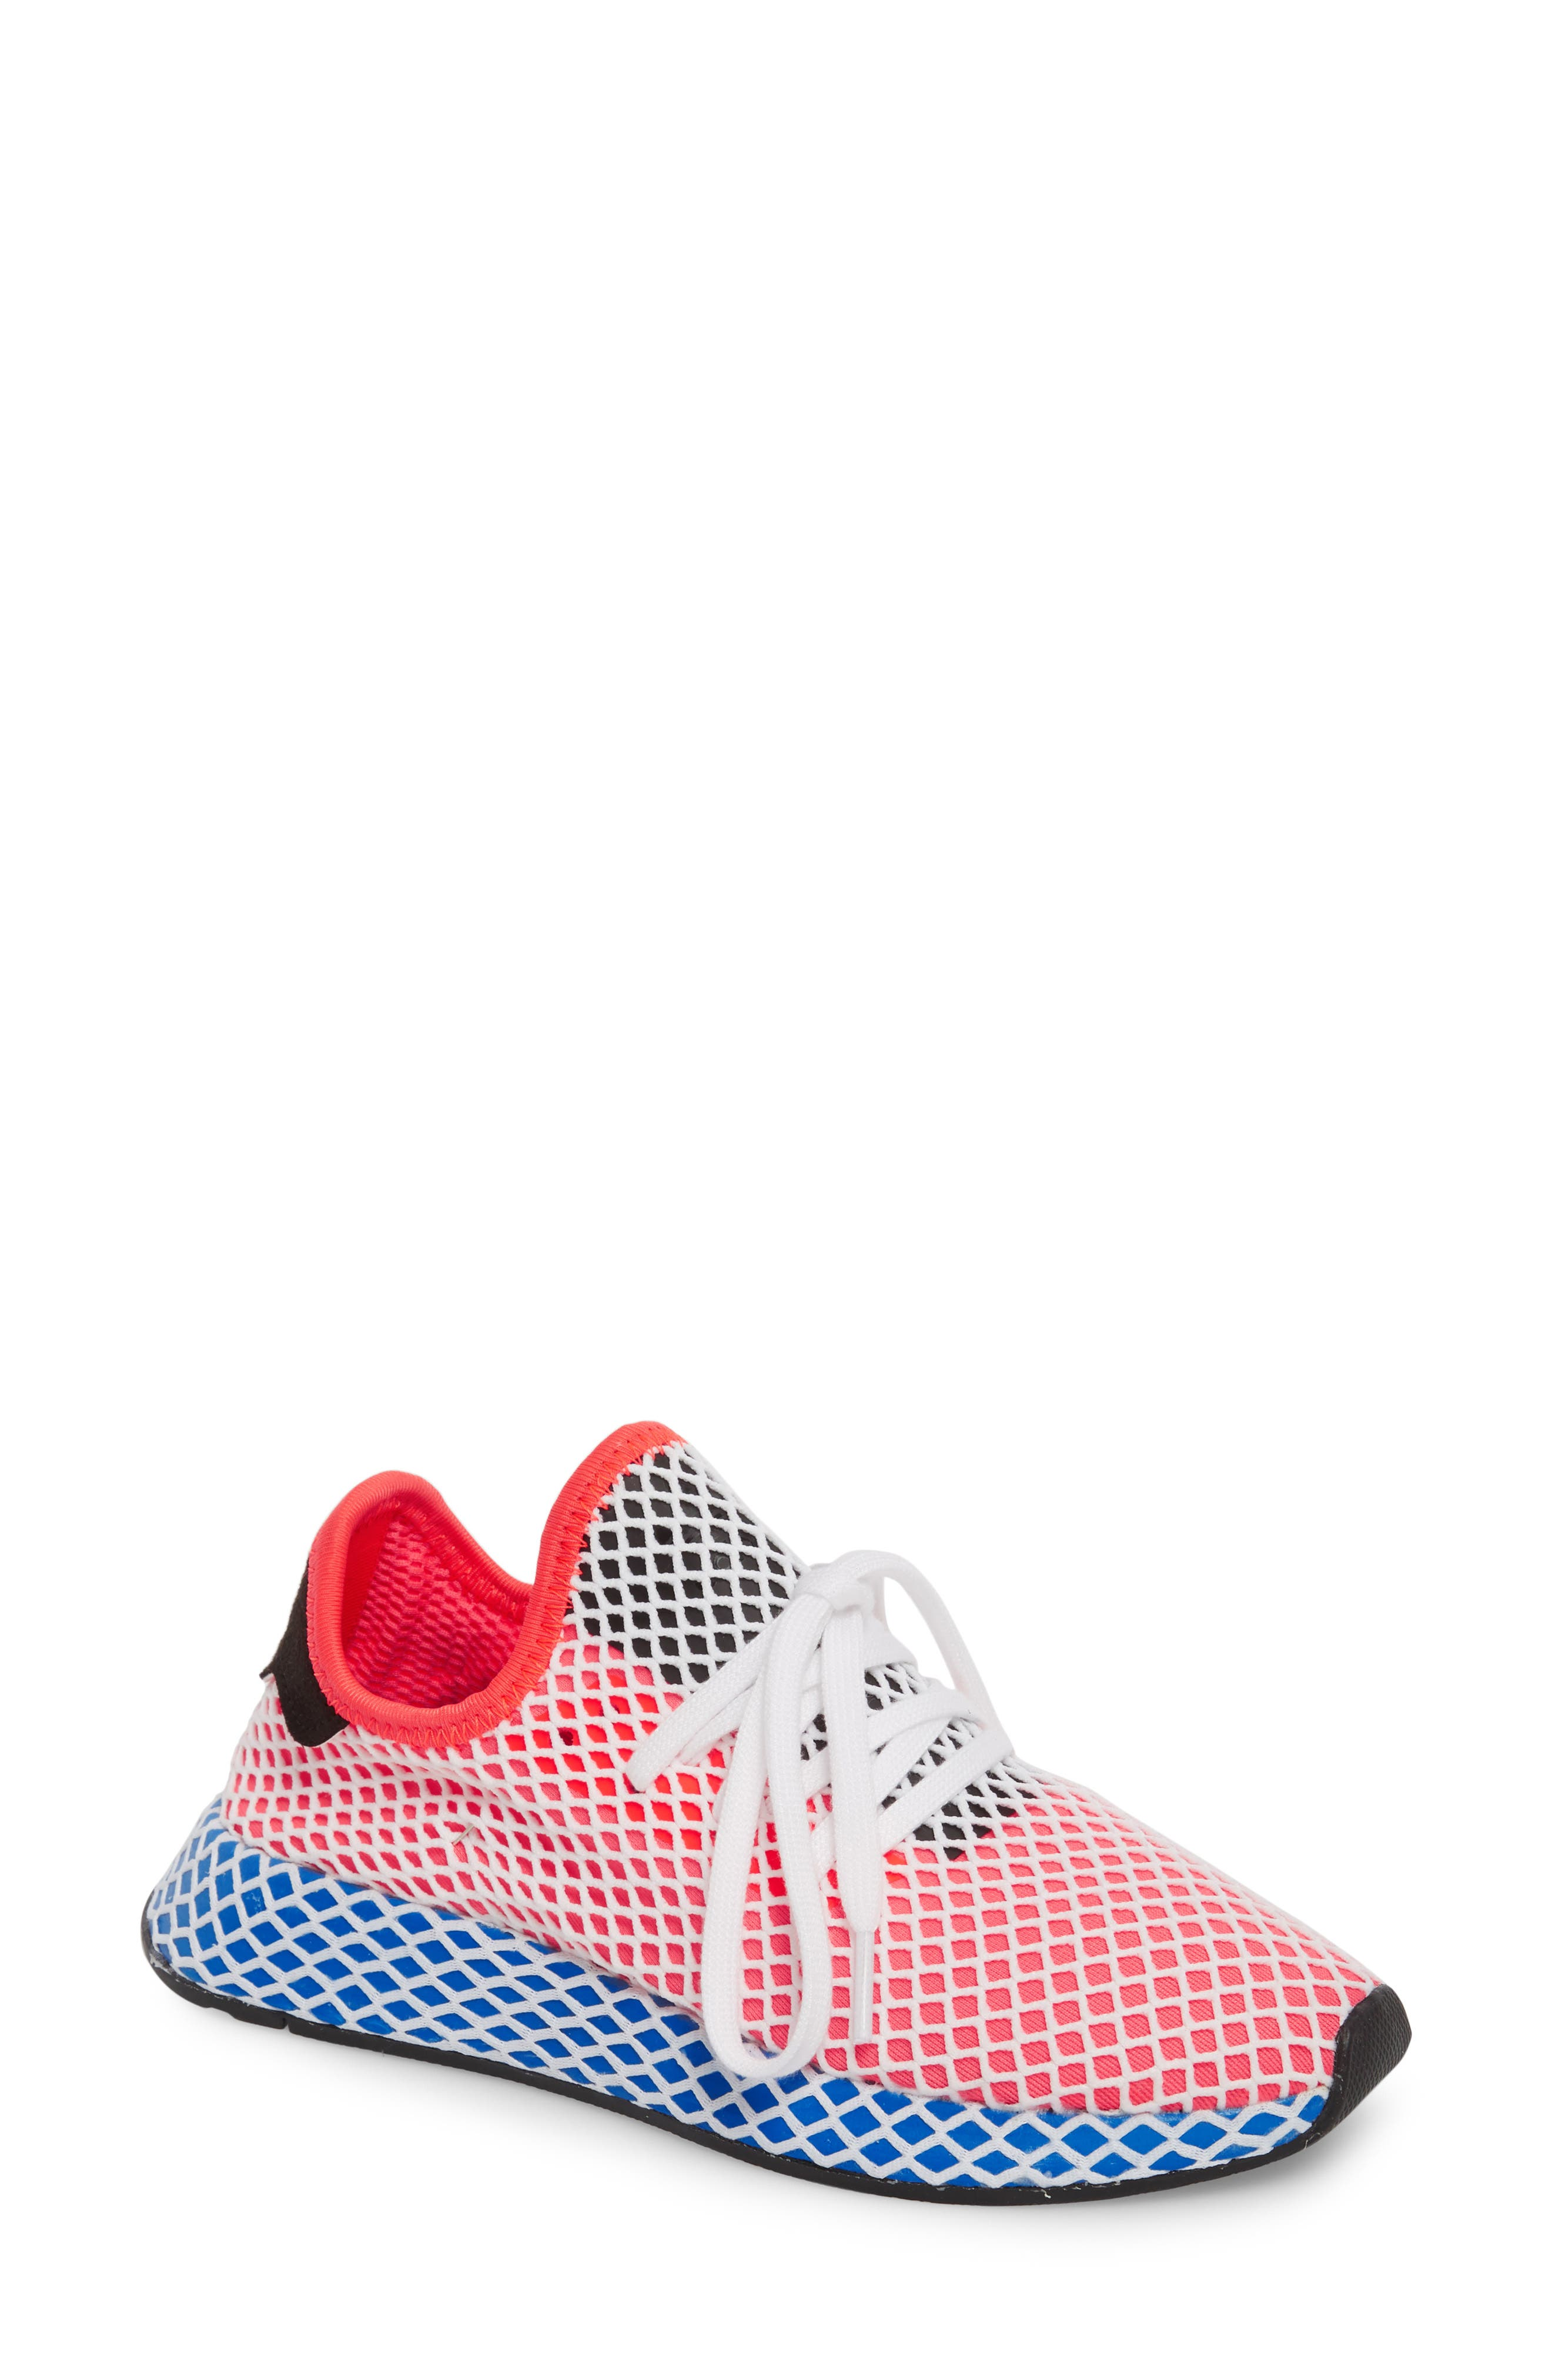 Deerupt Runner Sneaker,                             Main thumbnail 1, color,                             600